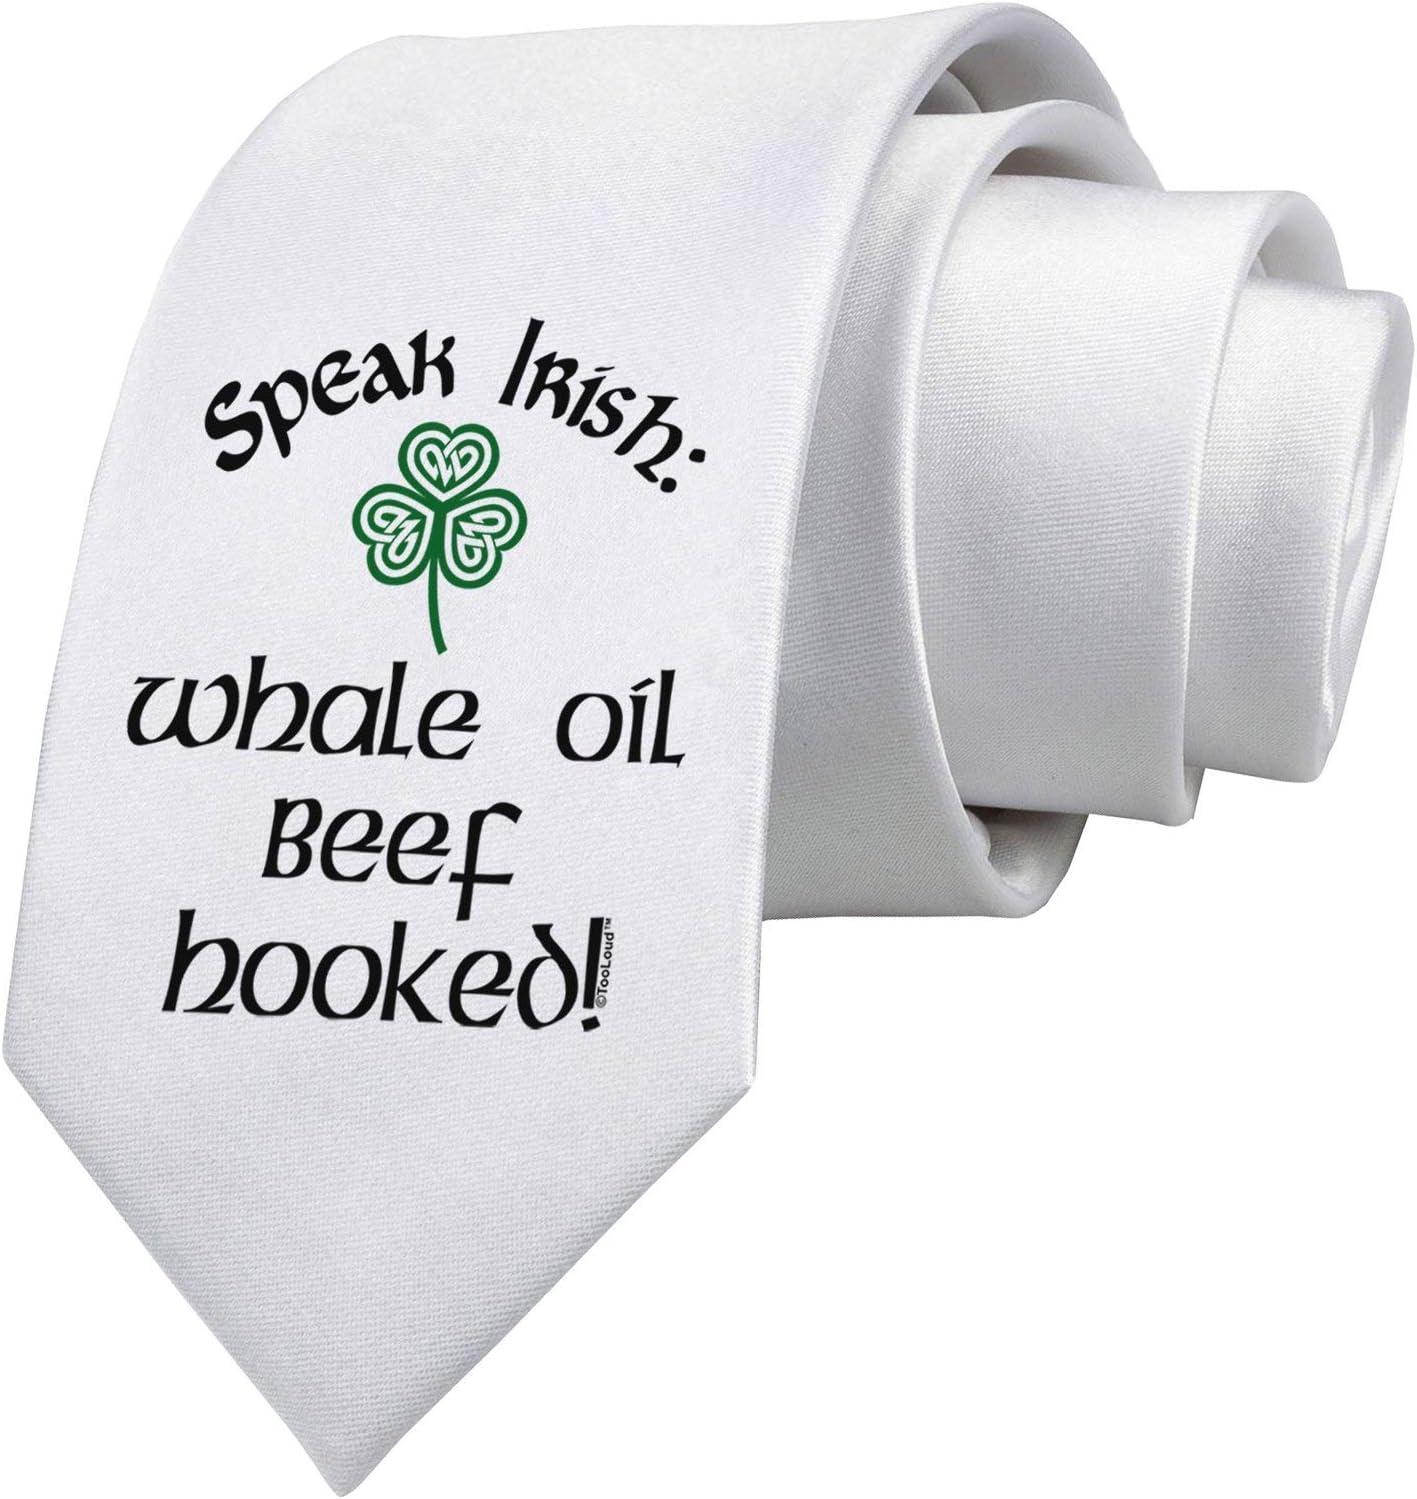 Speak Irish - Corbata blanca estampada con ganchos de carne de res de aceite de ballena